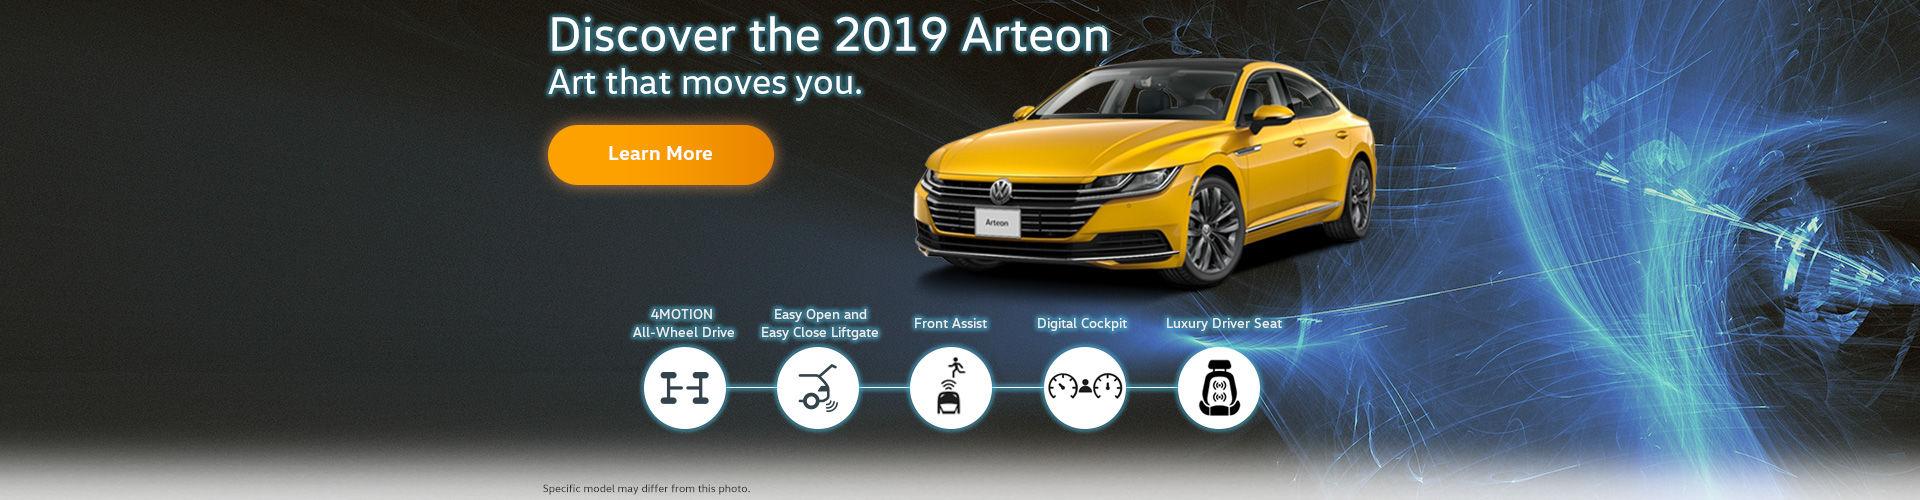 Discover the 2019 Arteon